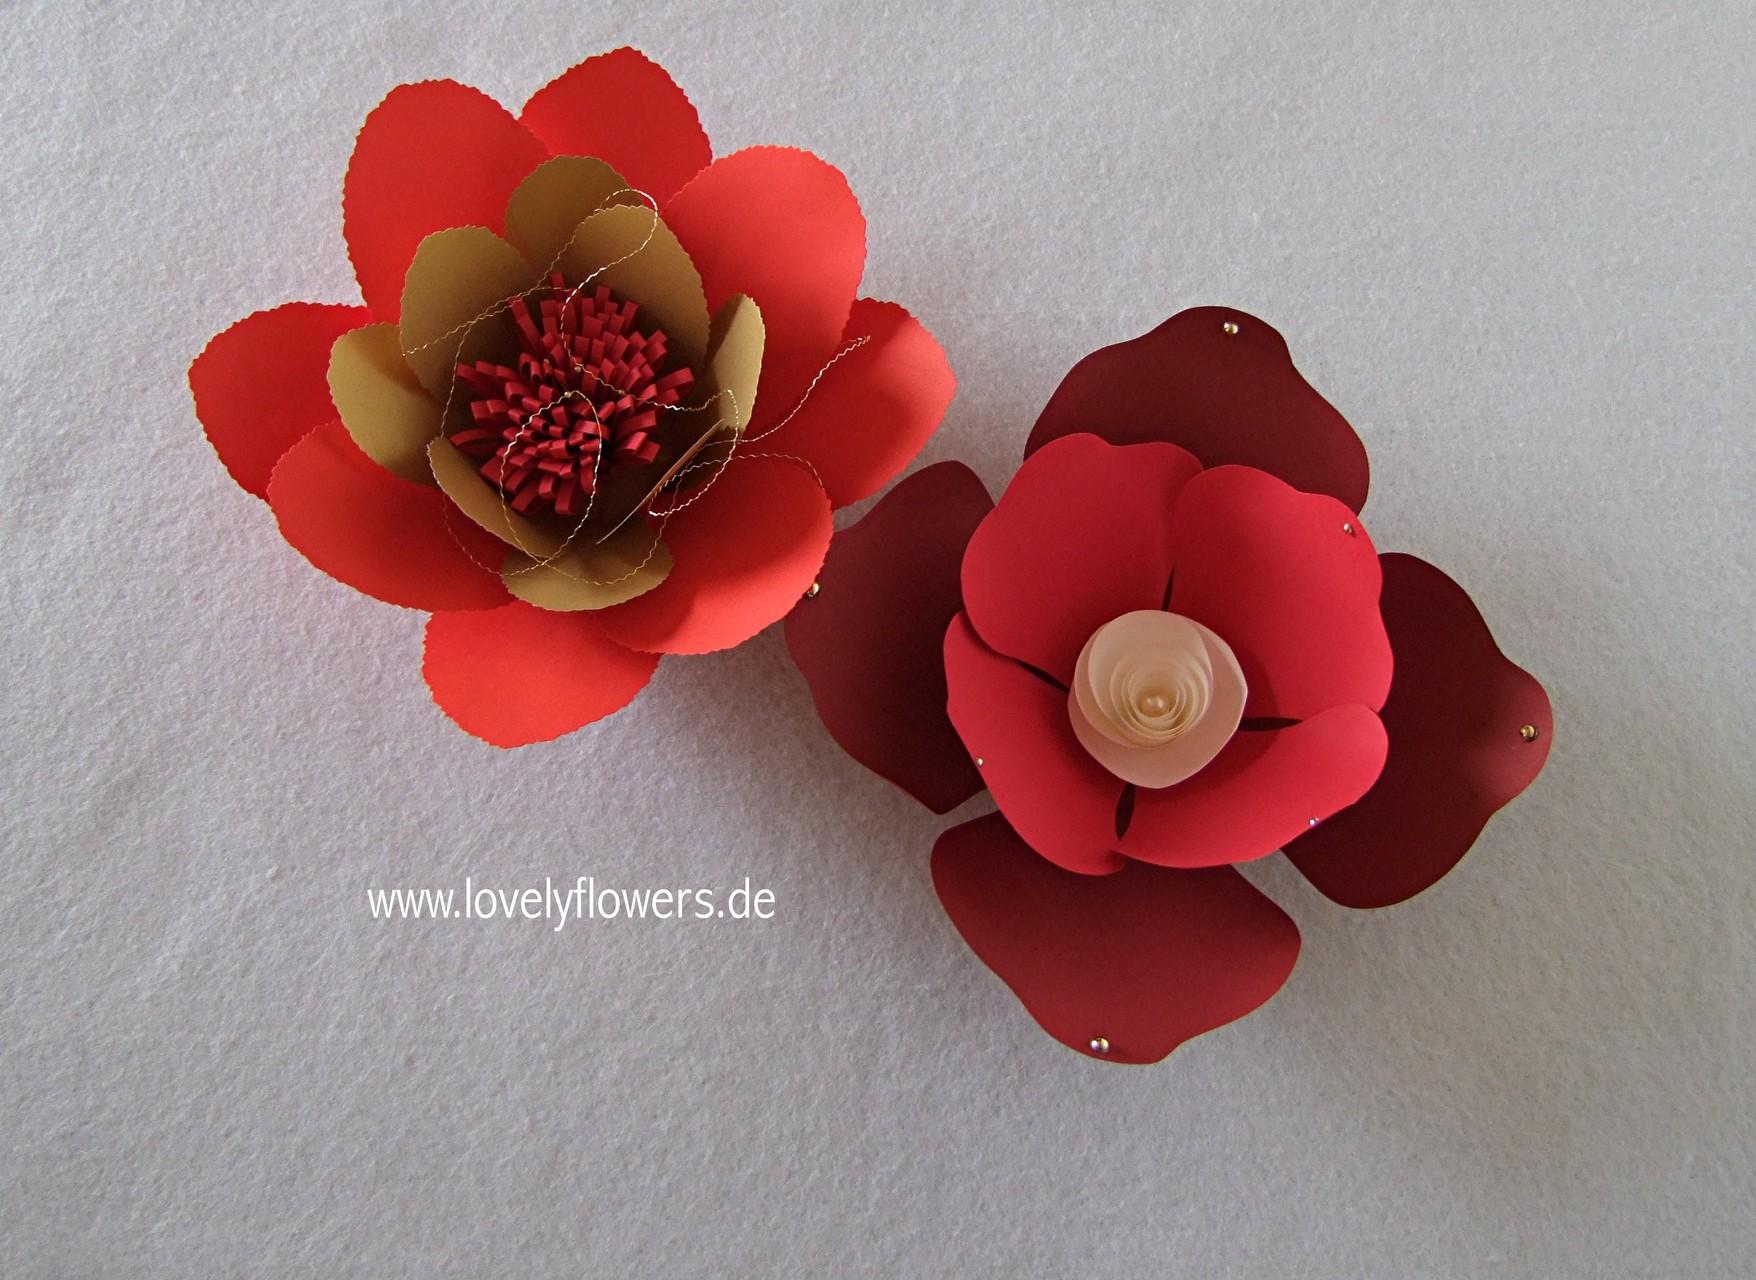 Paper-Art Auflageblüten von www.lovelyflowers.de für Tisch, Buffet, Kommode und Schränke